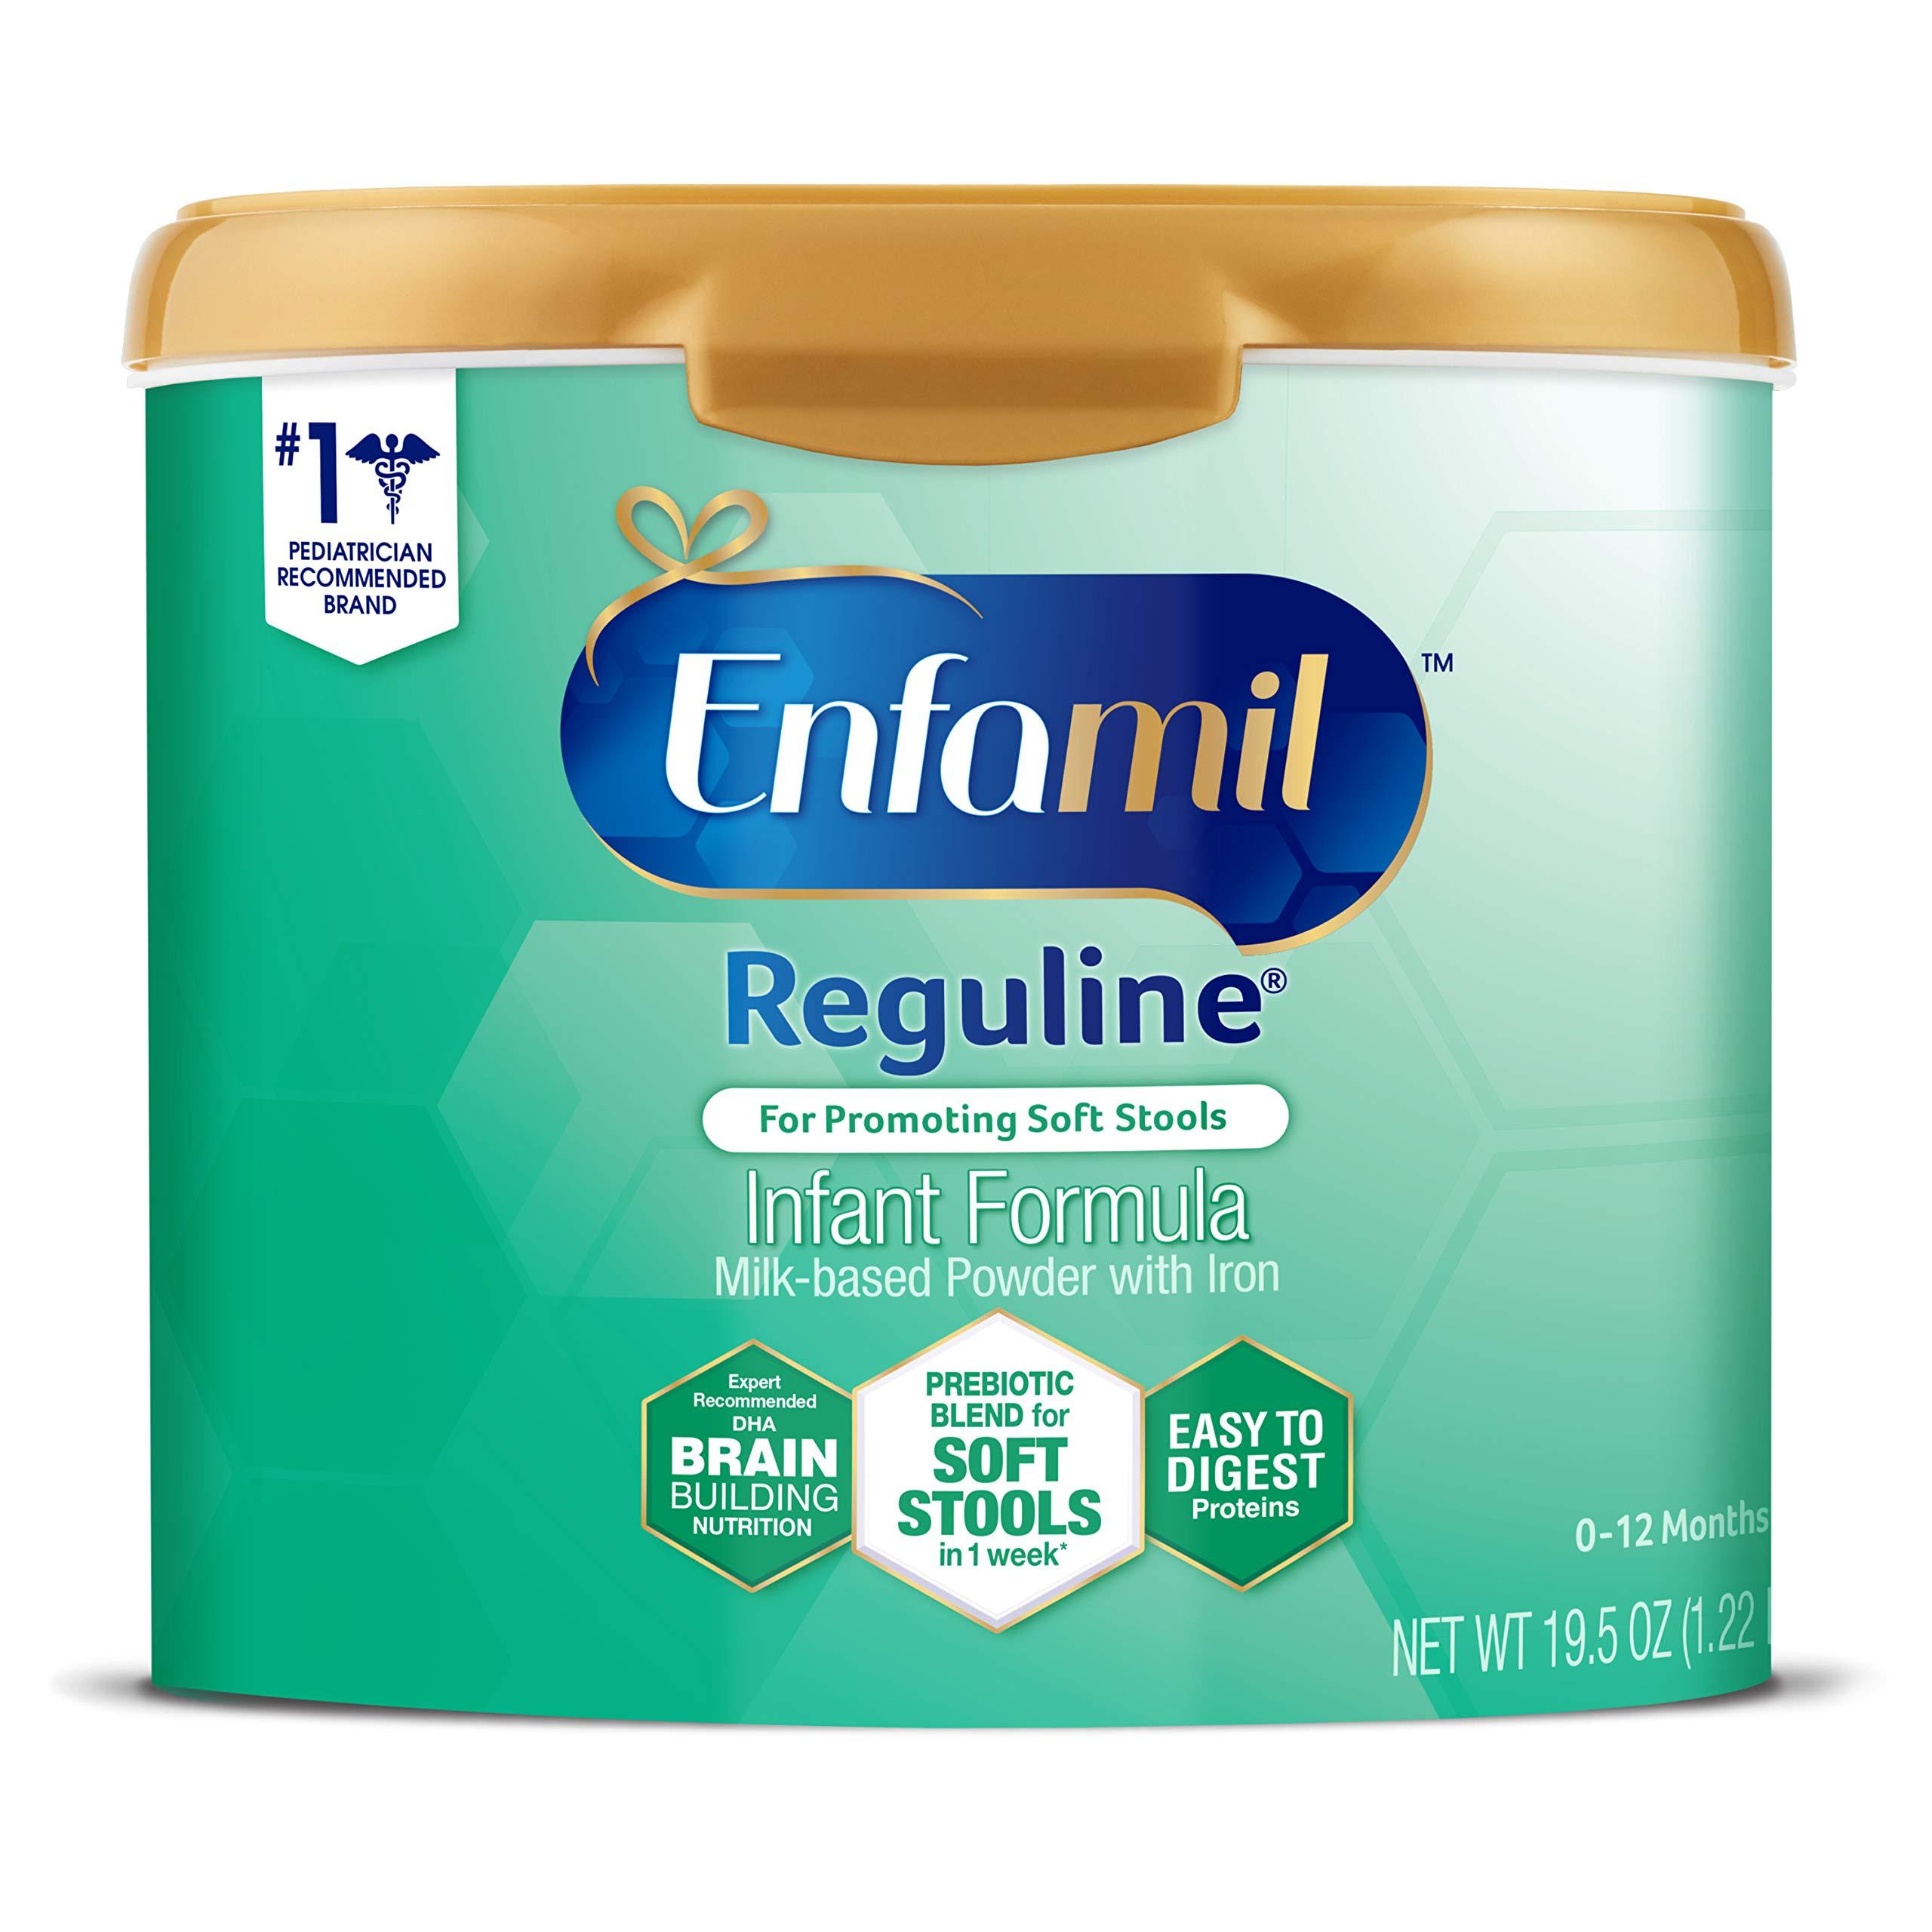 Enfamil Reguline Infant Formula - Designed for Soft, Comfortable Stools - Reusable Powder Tub, 19.5 oz